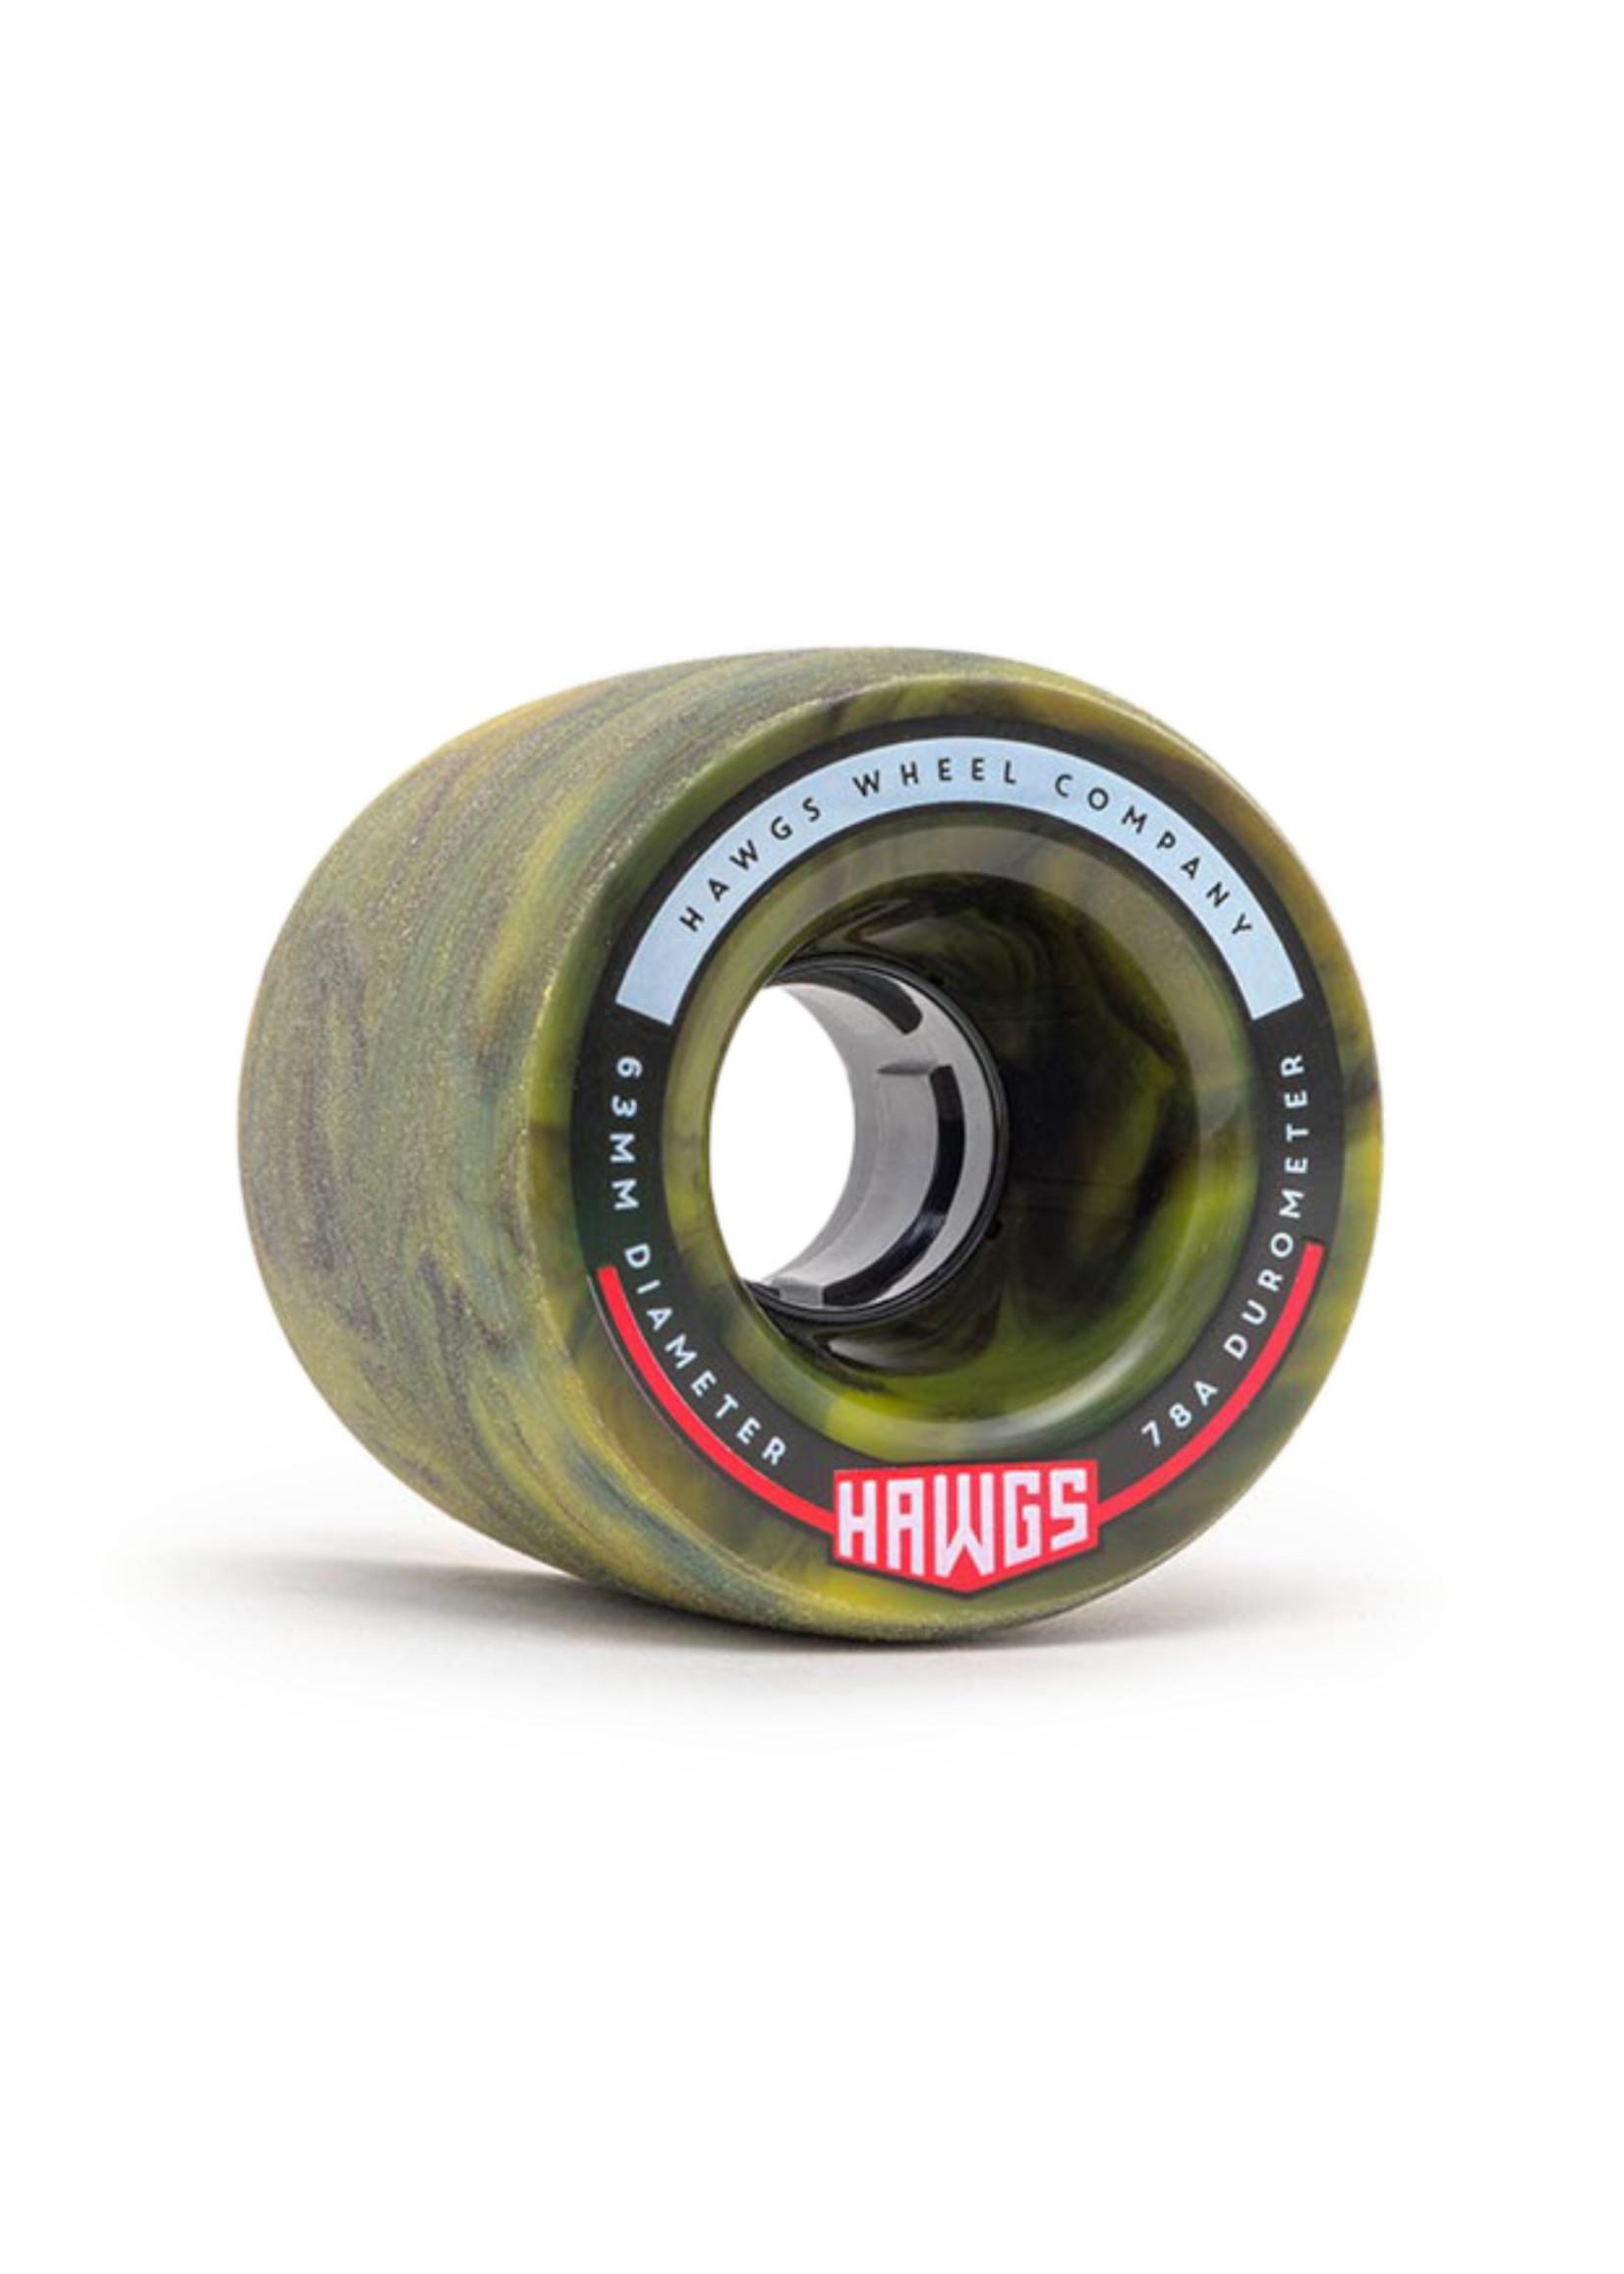 Hawgs Wheels Hawgs Fatty Rollen 63 mm 78A Yellow/Black Swirl 4er-Set